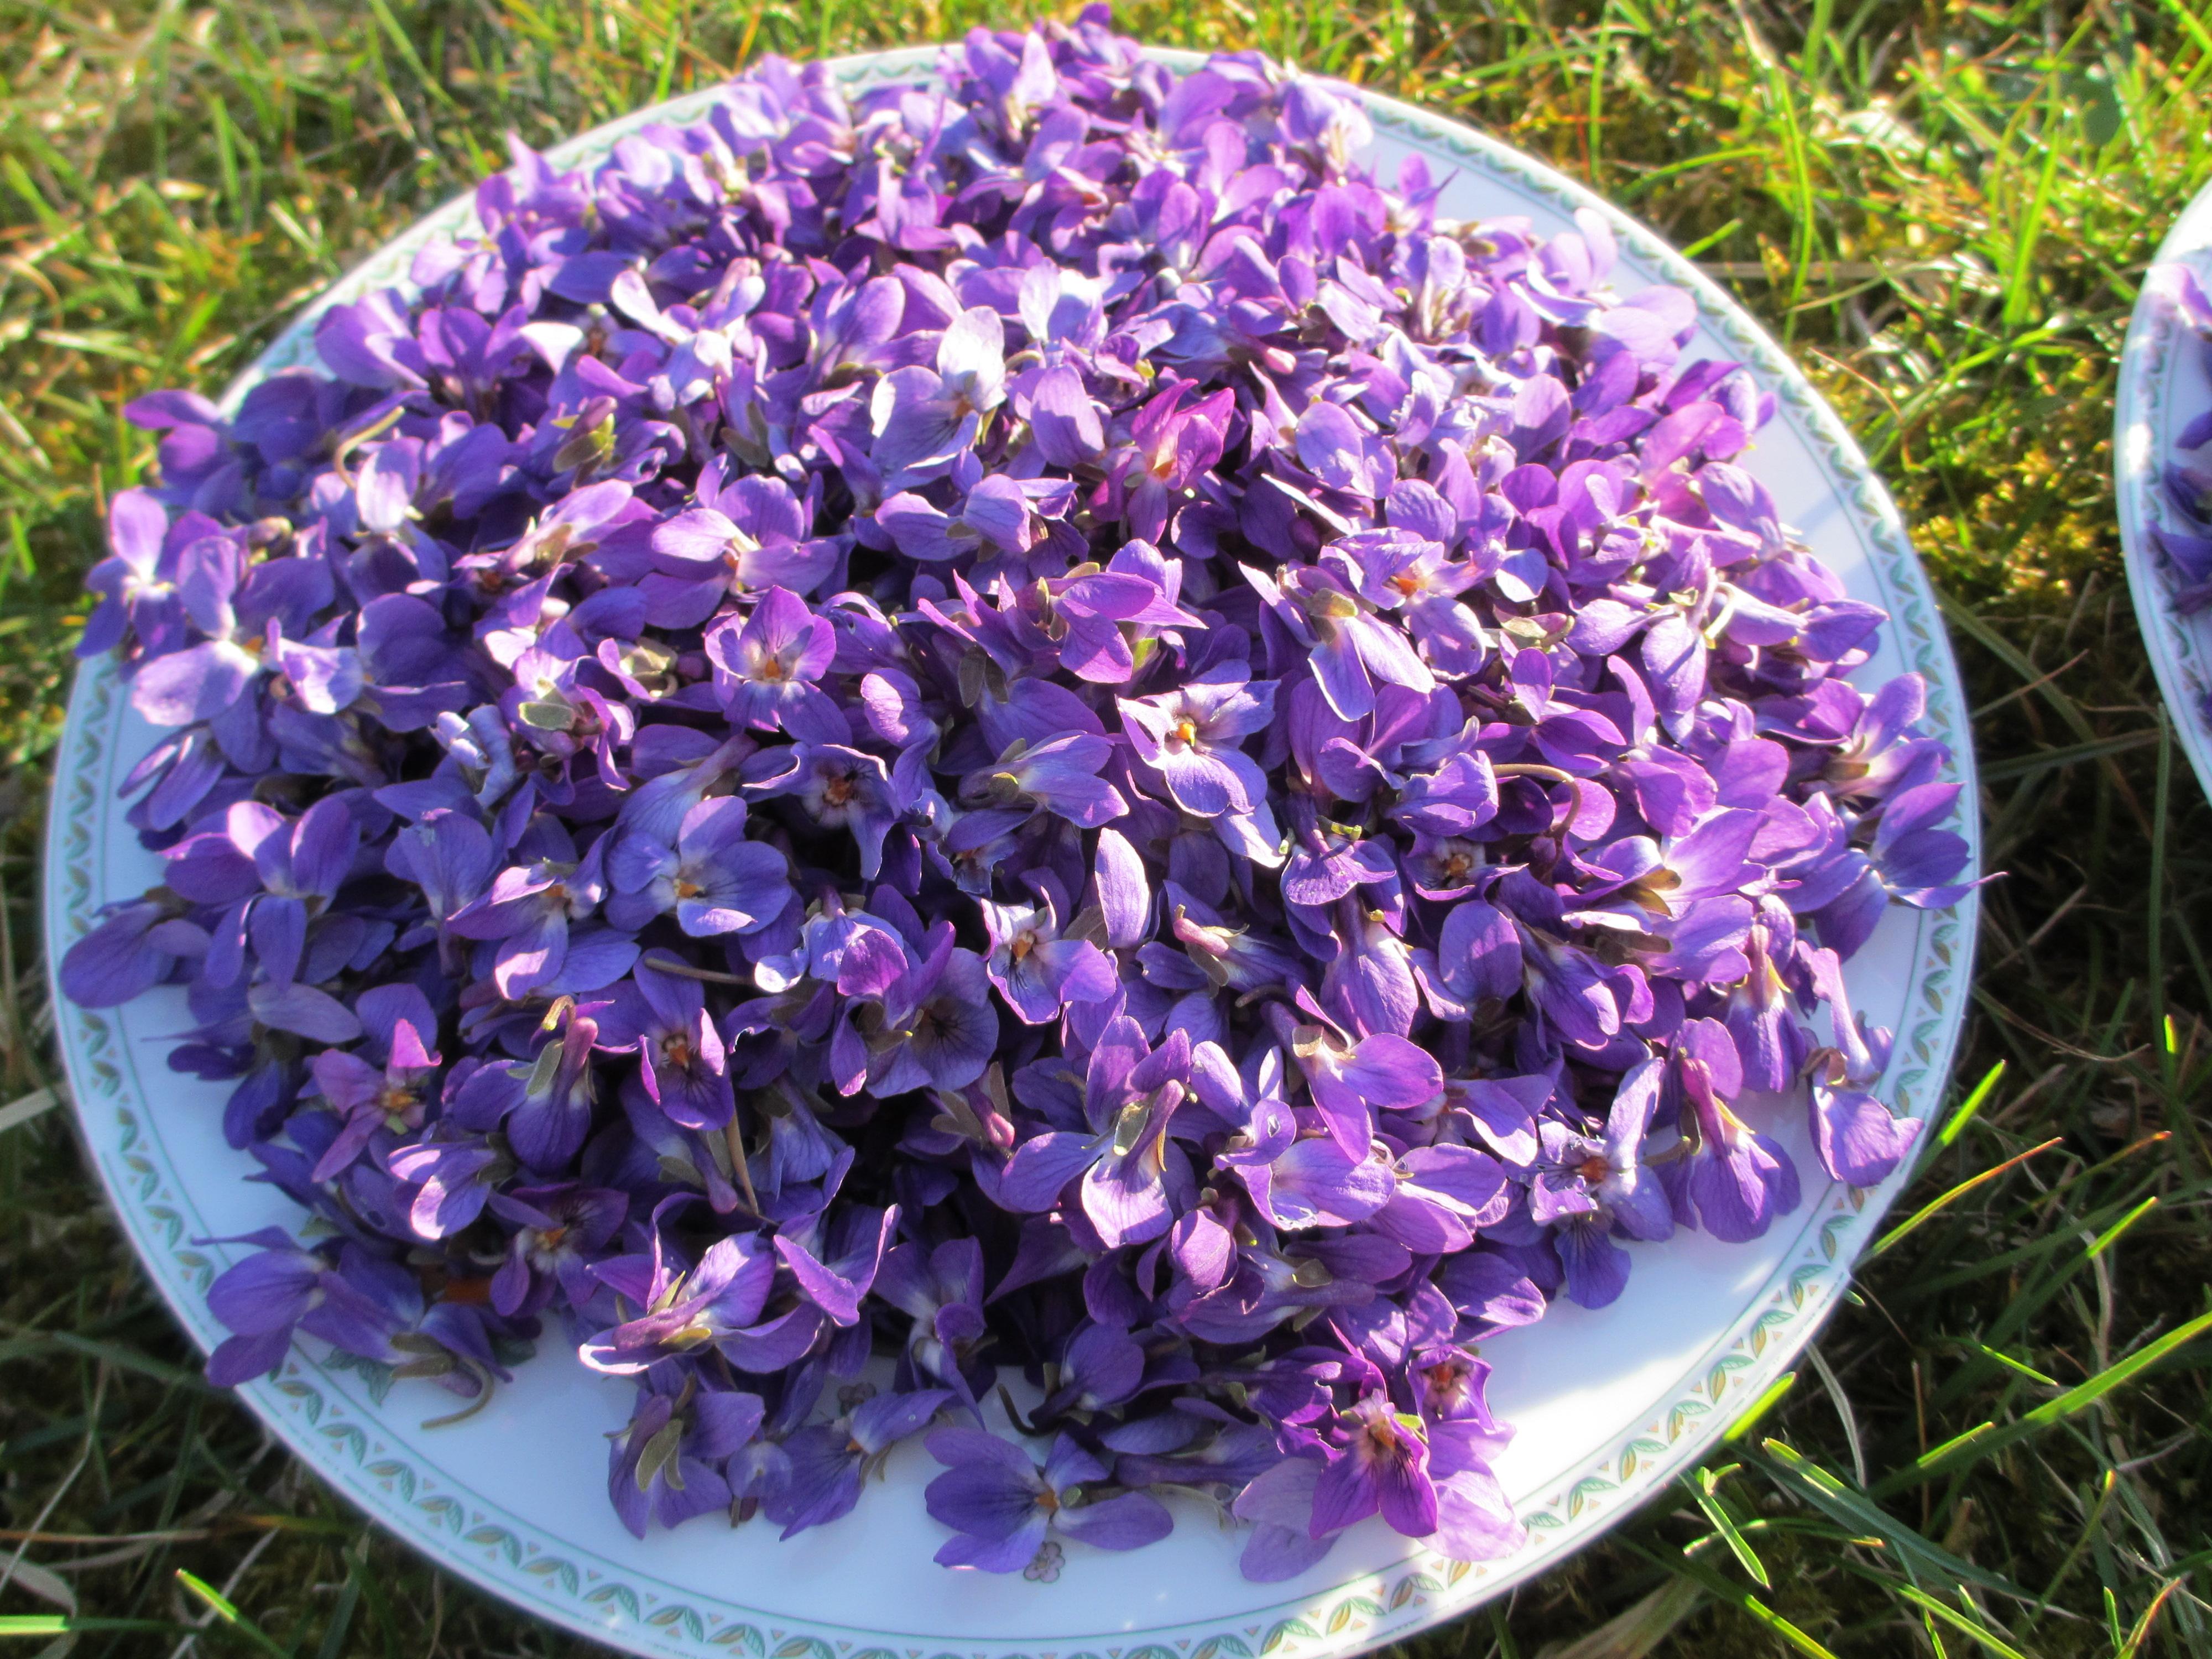 Cueillette de fleurs de violettes